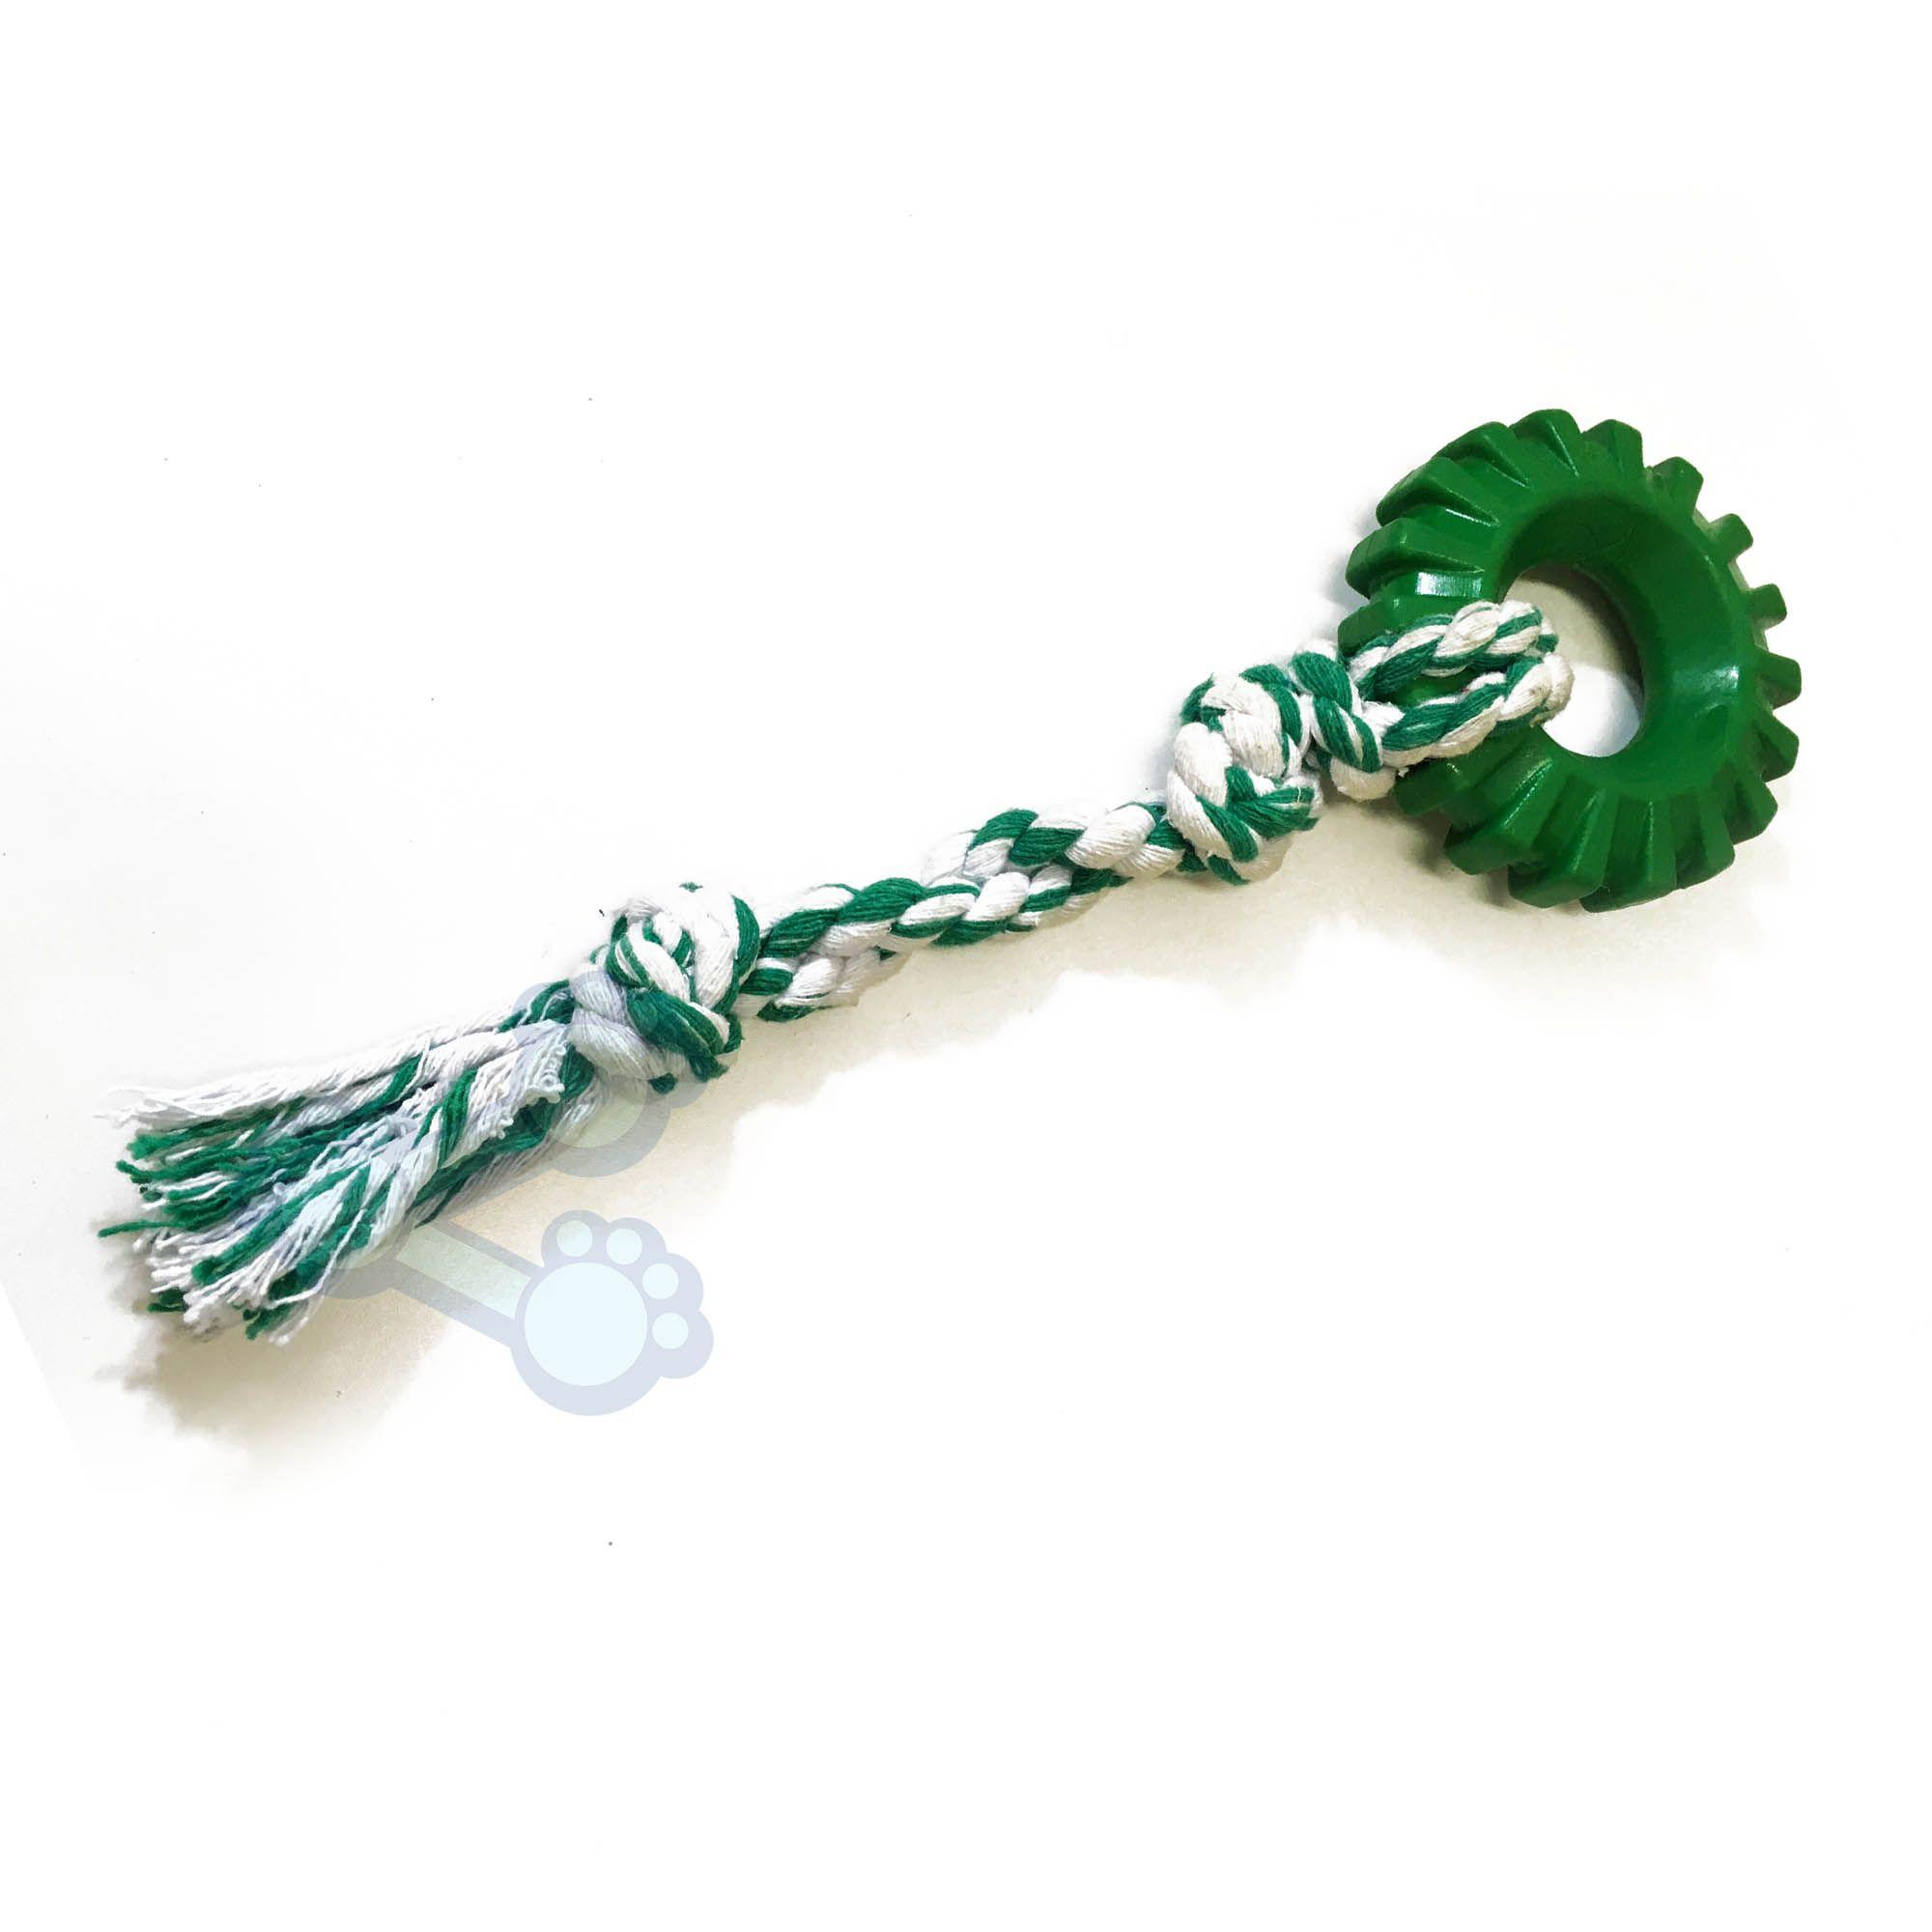 Brinquedo para Cachorro - Mordedor Argola com Corda